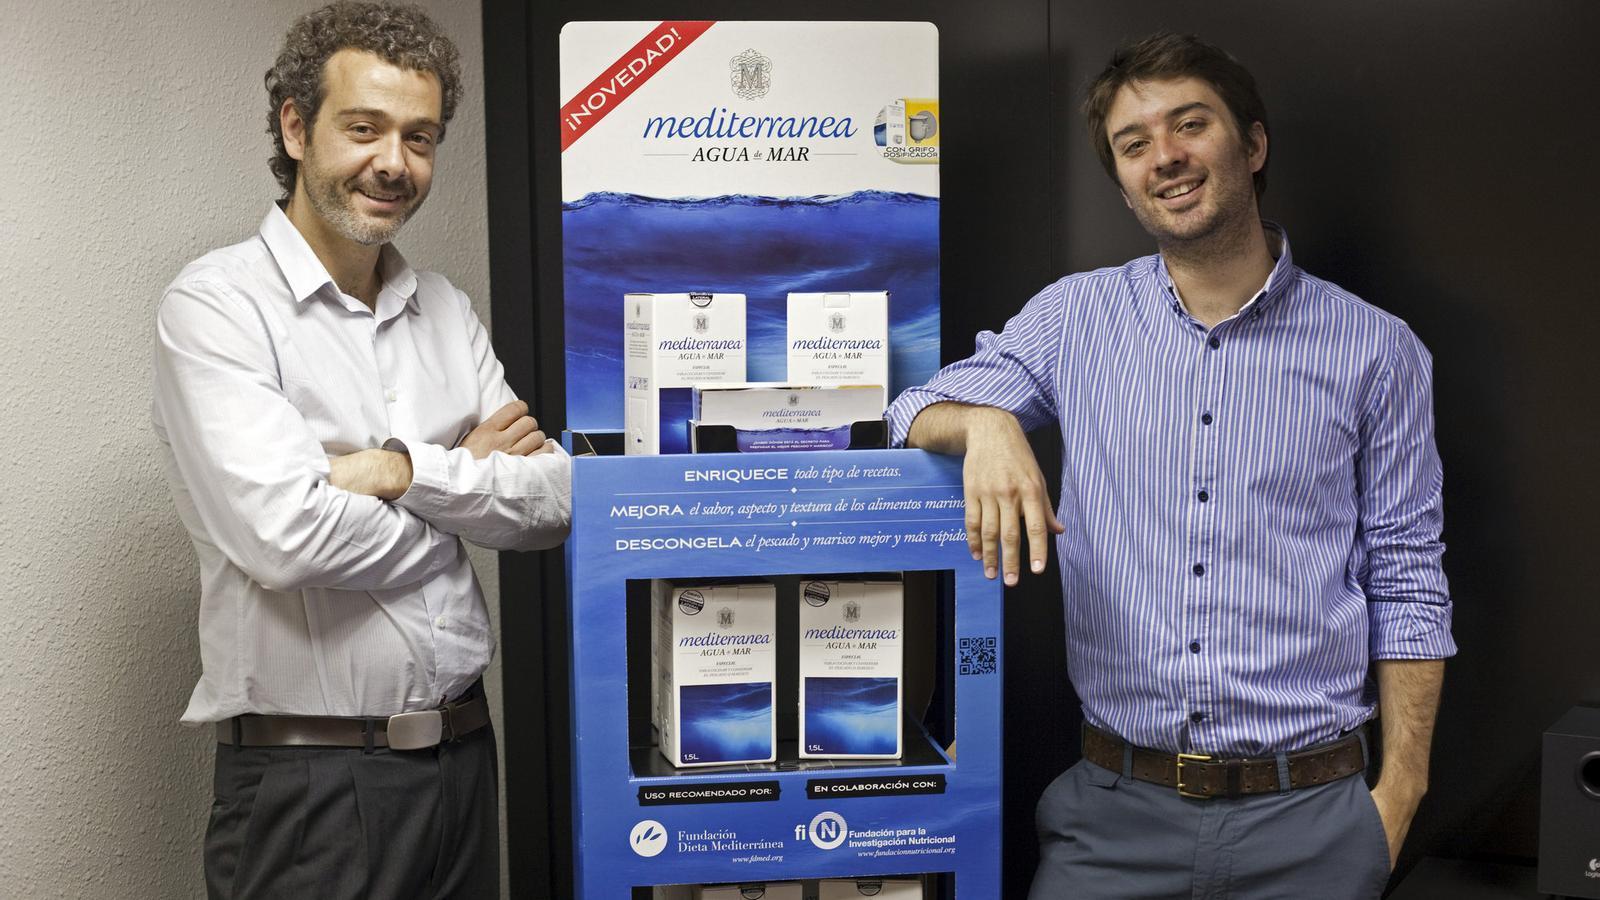 Els dos fundadors de Mediterránea / MANOLO GARCÍA